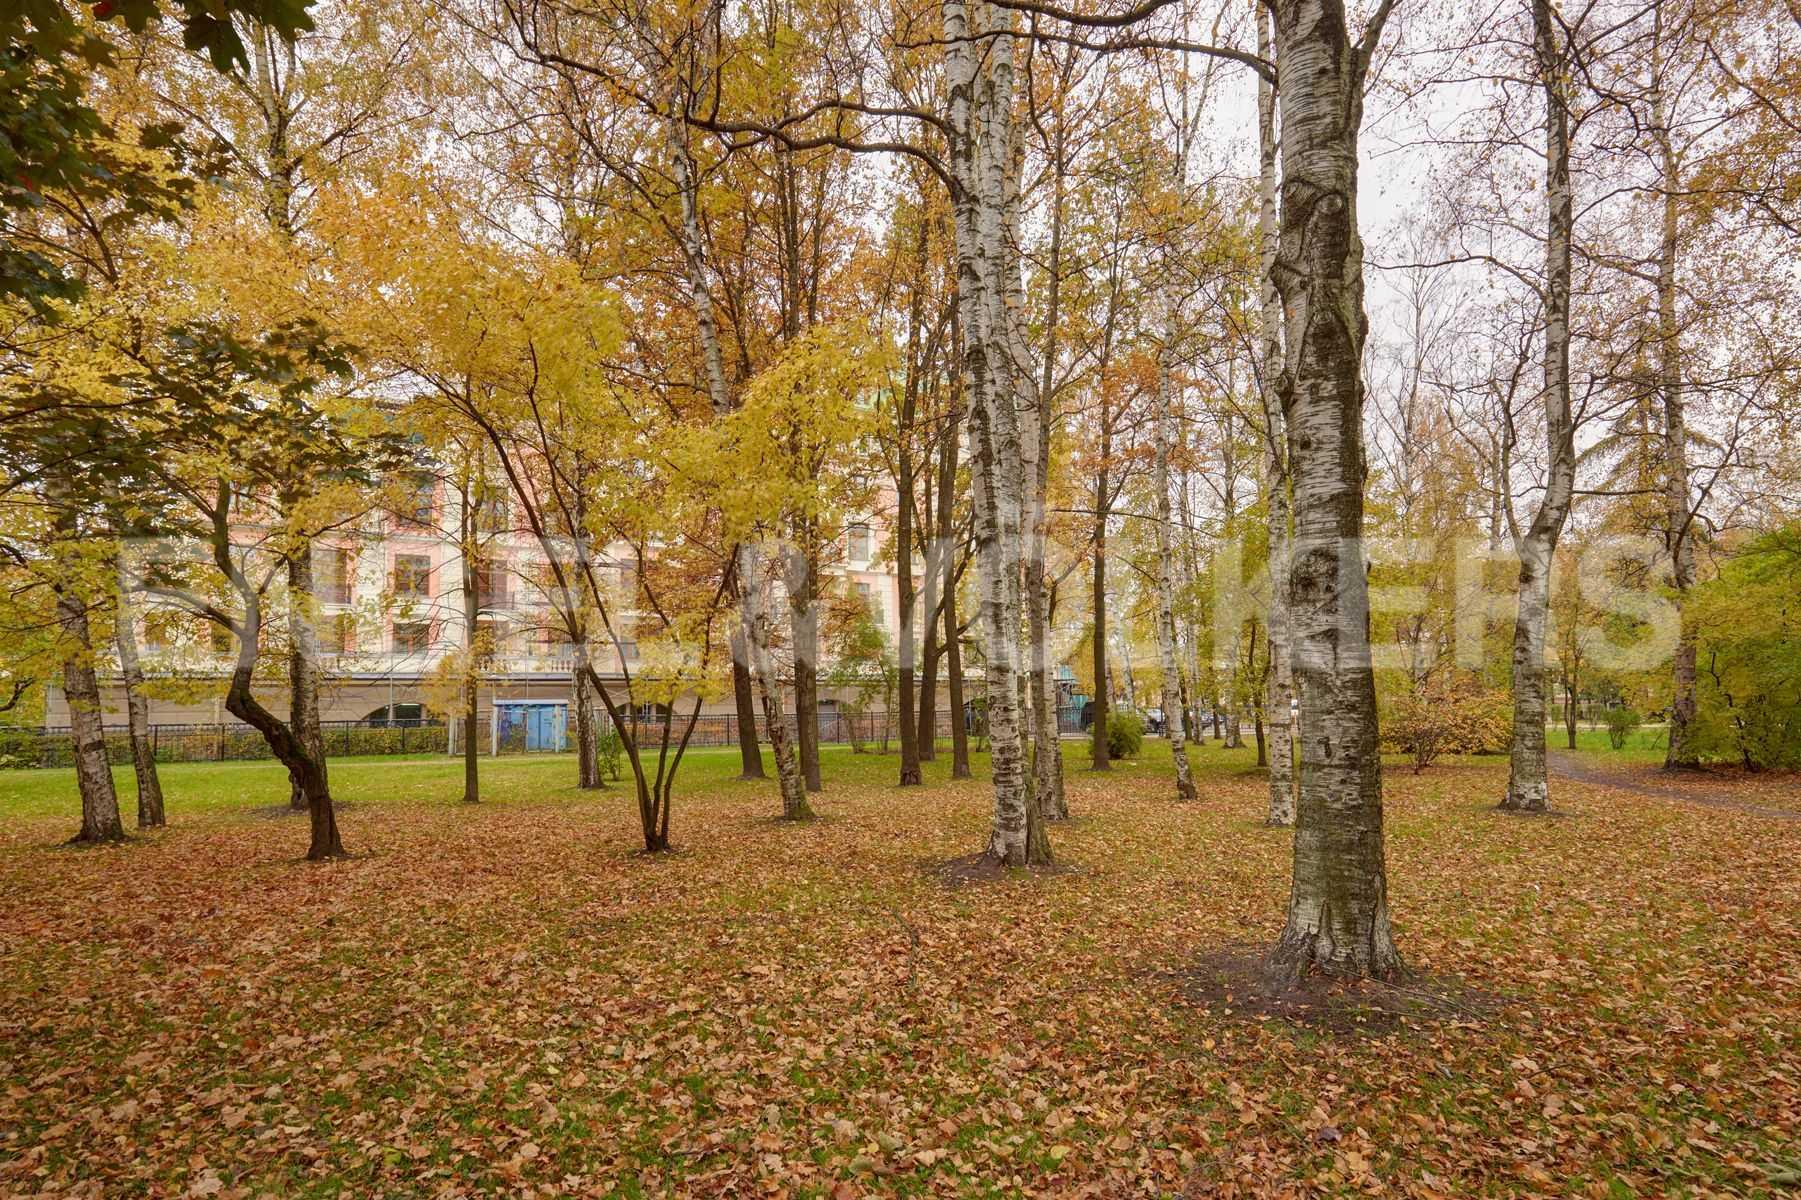 Элитные квартиры на . Санкт-Петербург, Динамо,12. Территория возле дома